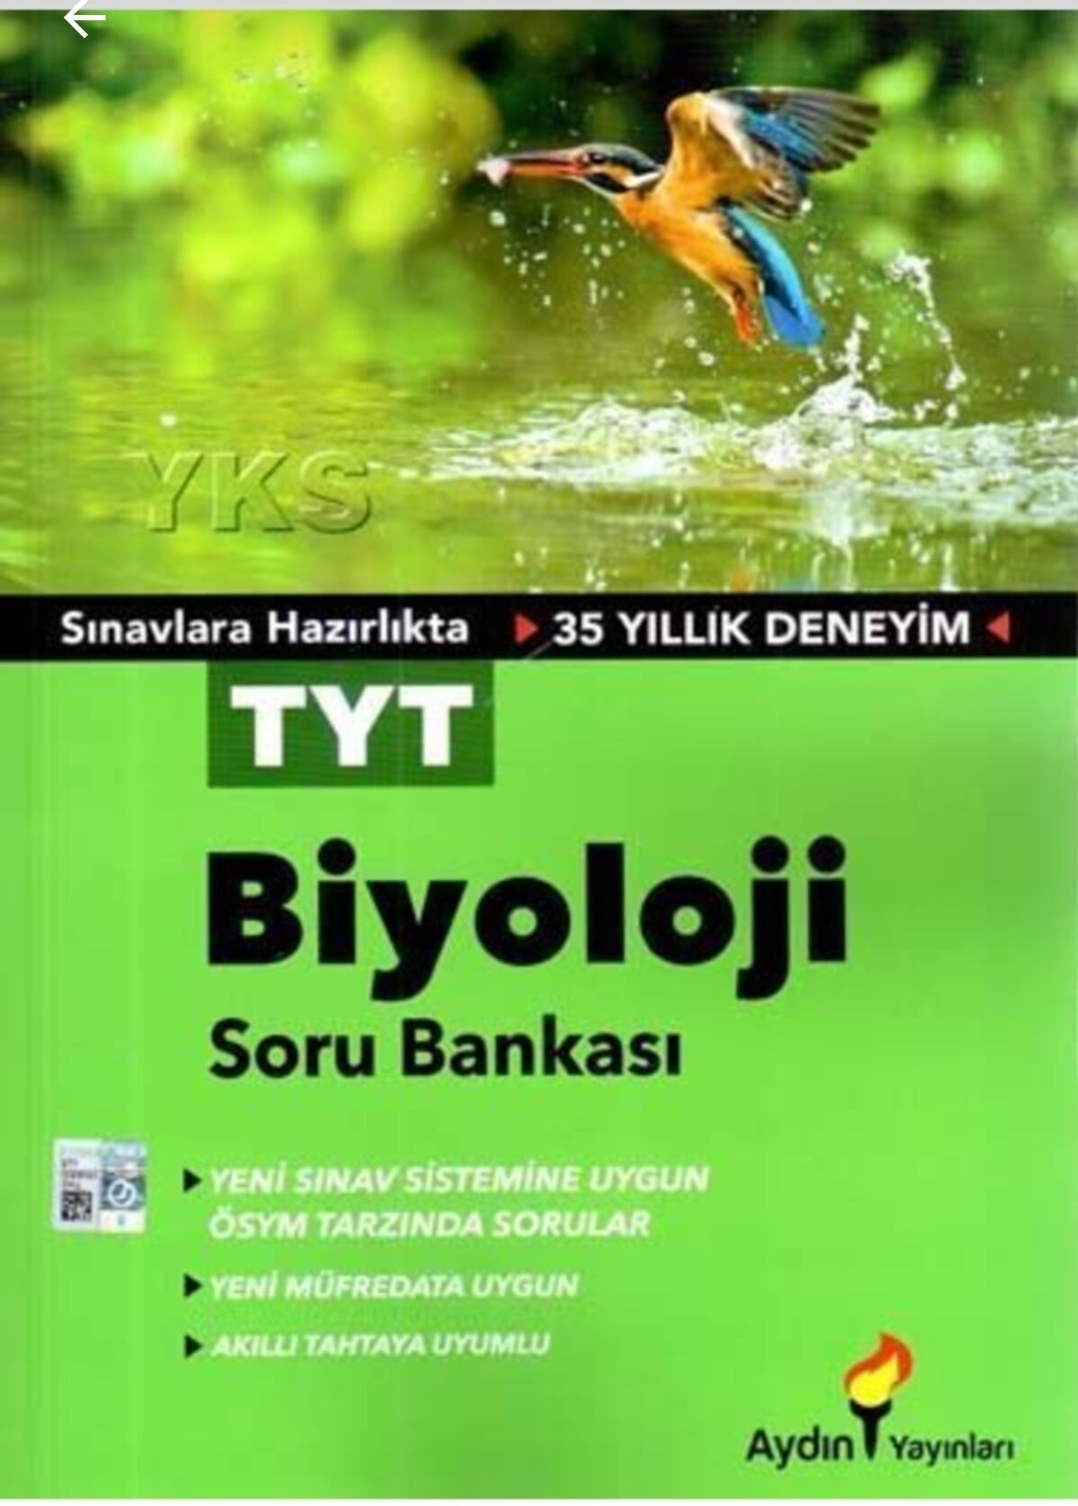 Aydın Yayınları - TYT Biyoloji - Soru Bankası